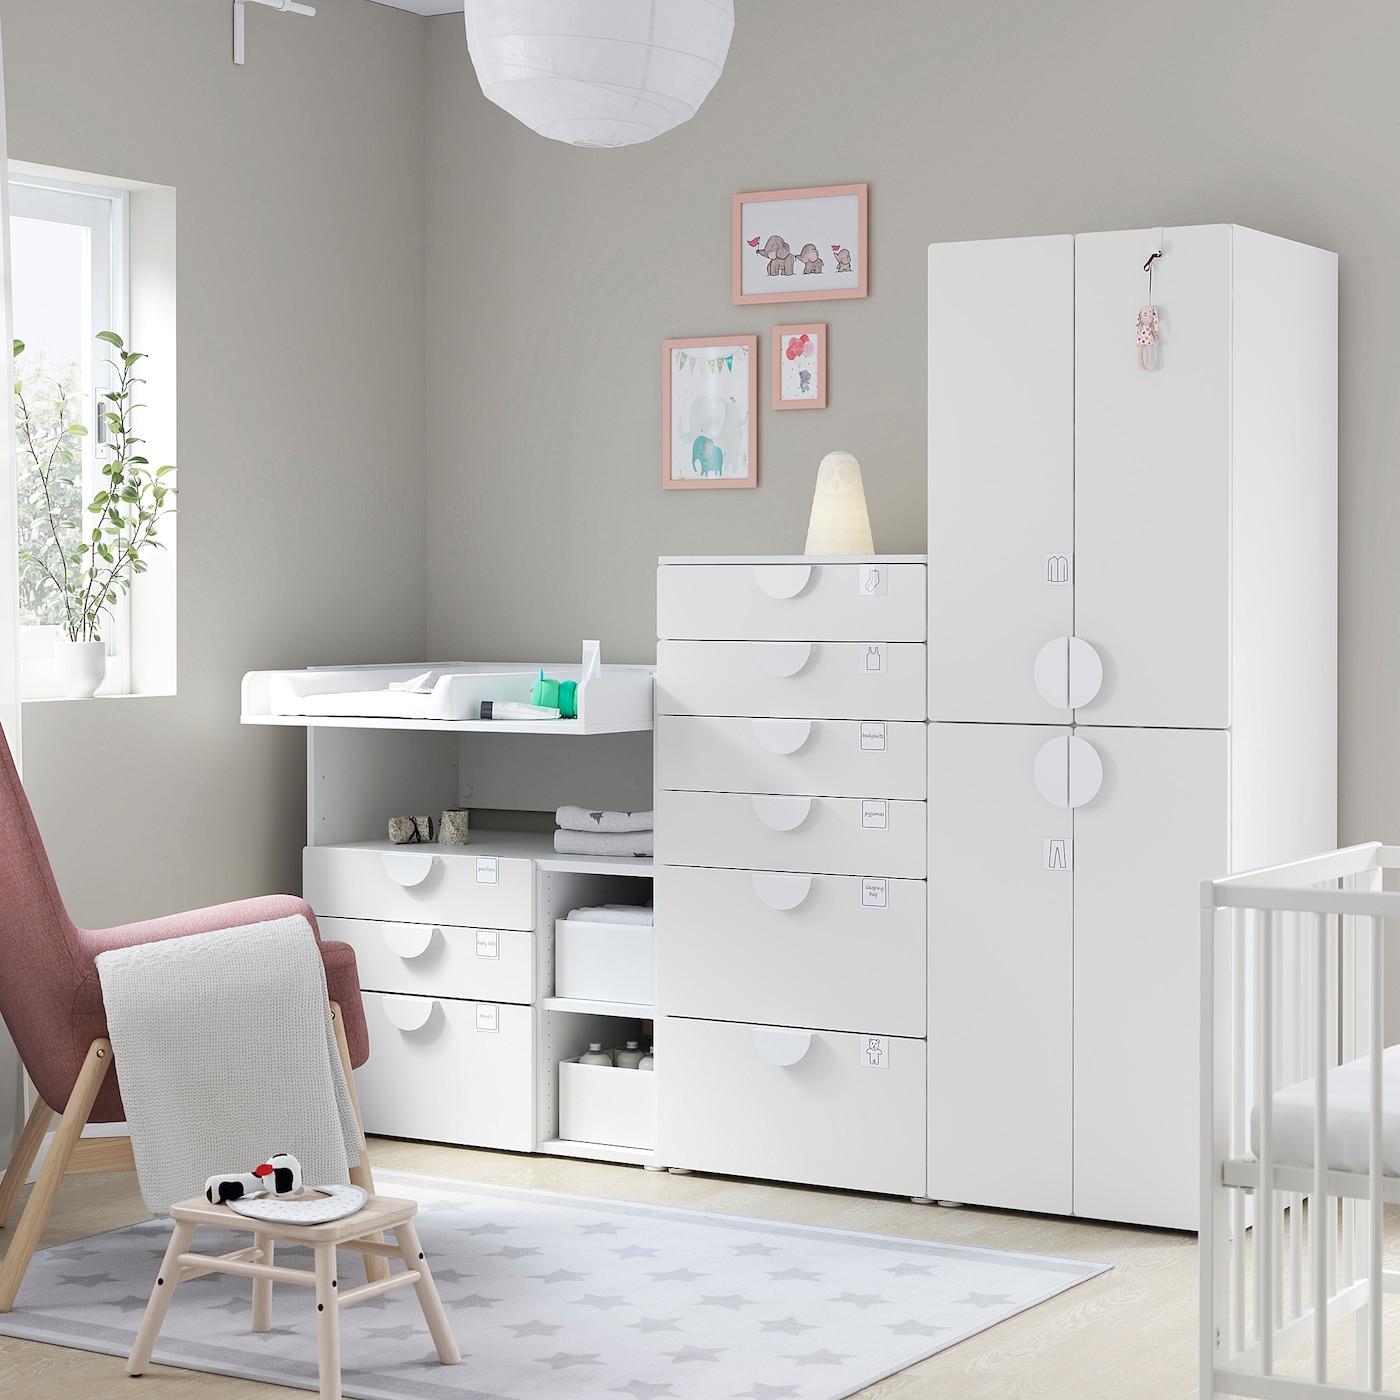 SMÅSTAD / PLATSA Aufbewahrungskombi, weiß weiß/mit Wickel, 210x79x180 cm